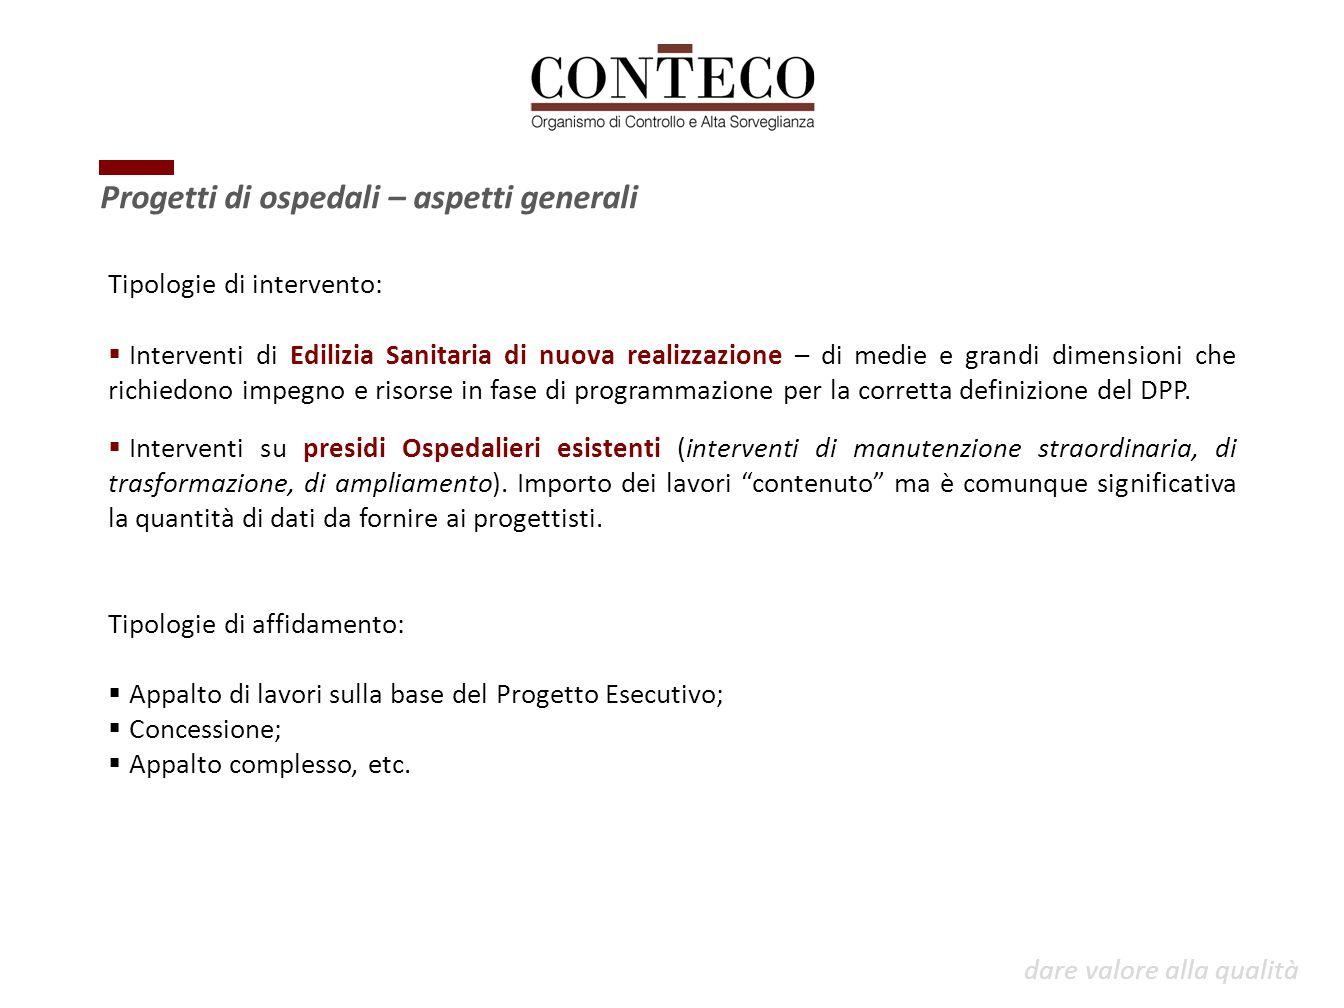 Ing.Angelo de Prisco – Presidente deprisco@conteco.it CONTECO S.p.A.